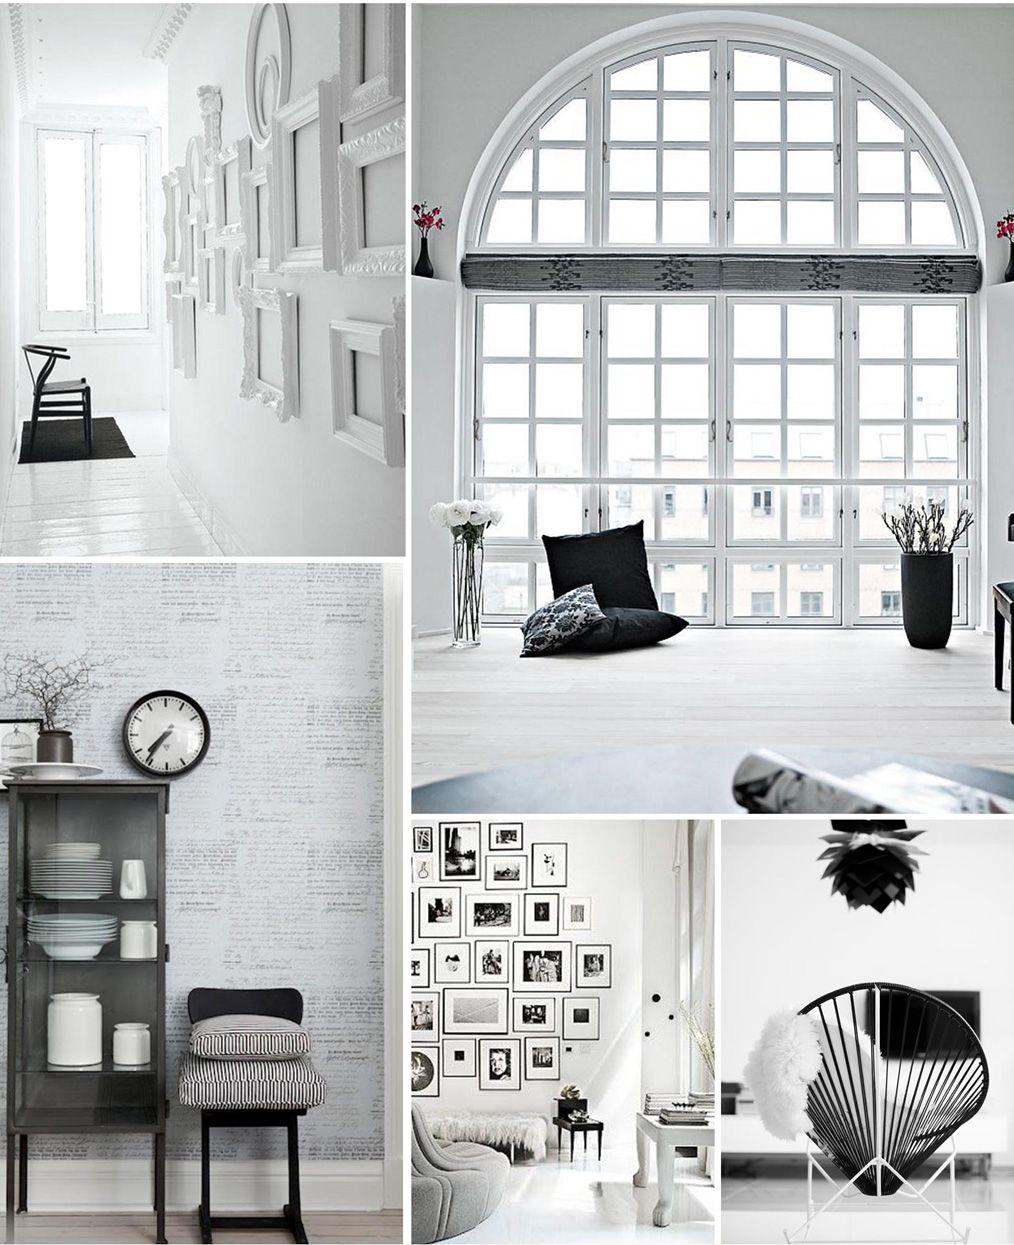 Interior Konzepte Schwarz Weiß | Collagen | Pinterest | Konzept ...